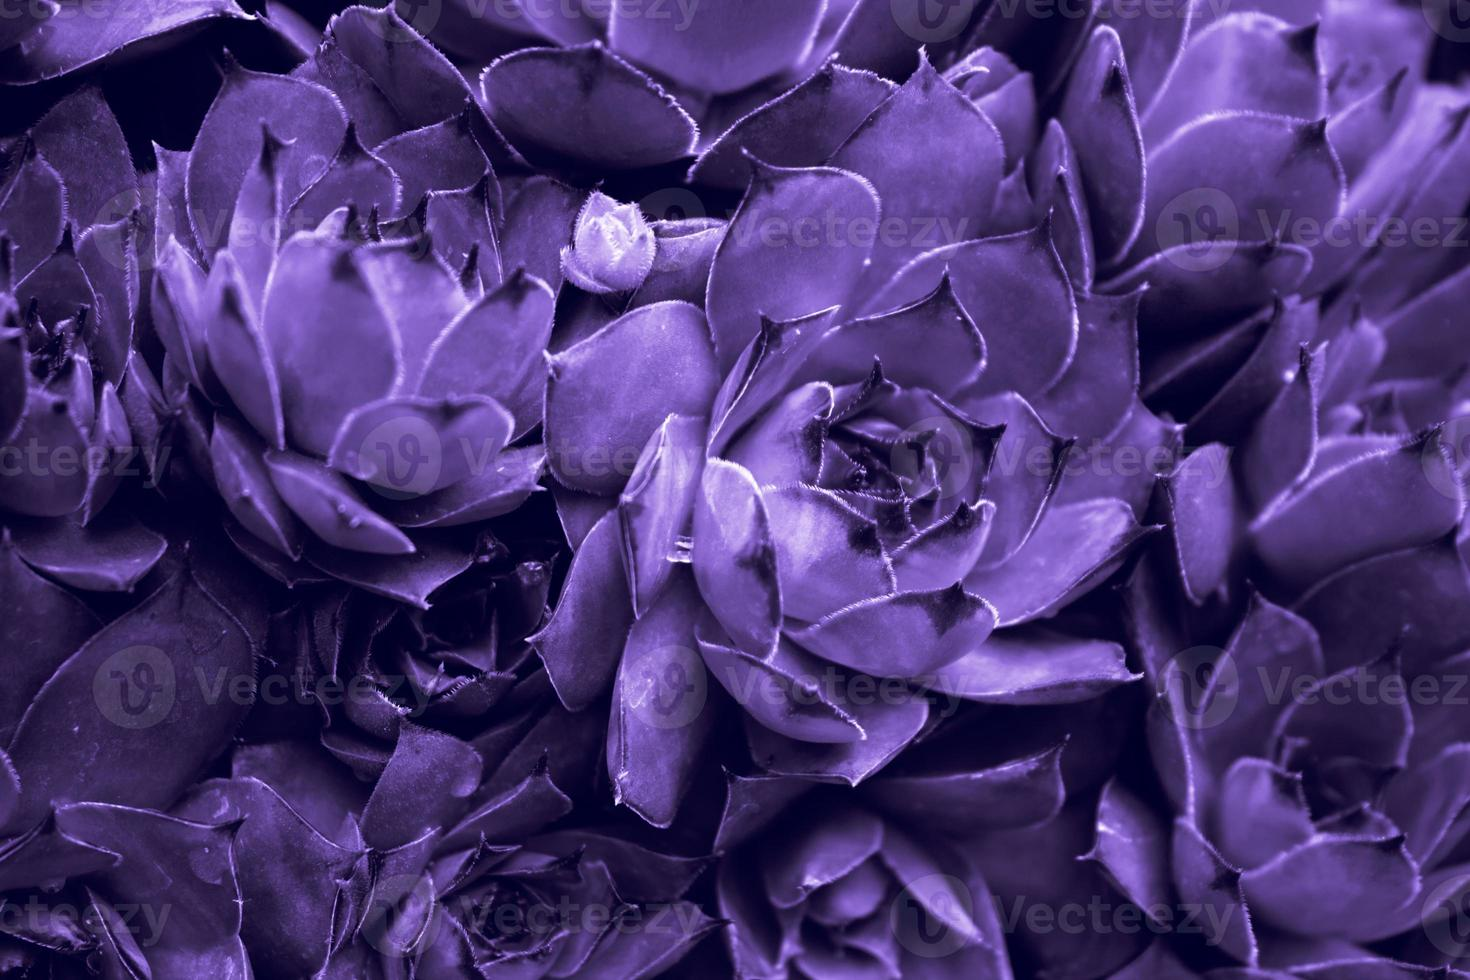 ultraviolett abstrakt bakgrund - närbild av sempervivum calcareum-houseleek, målad i ultraviolett färg foto